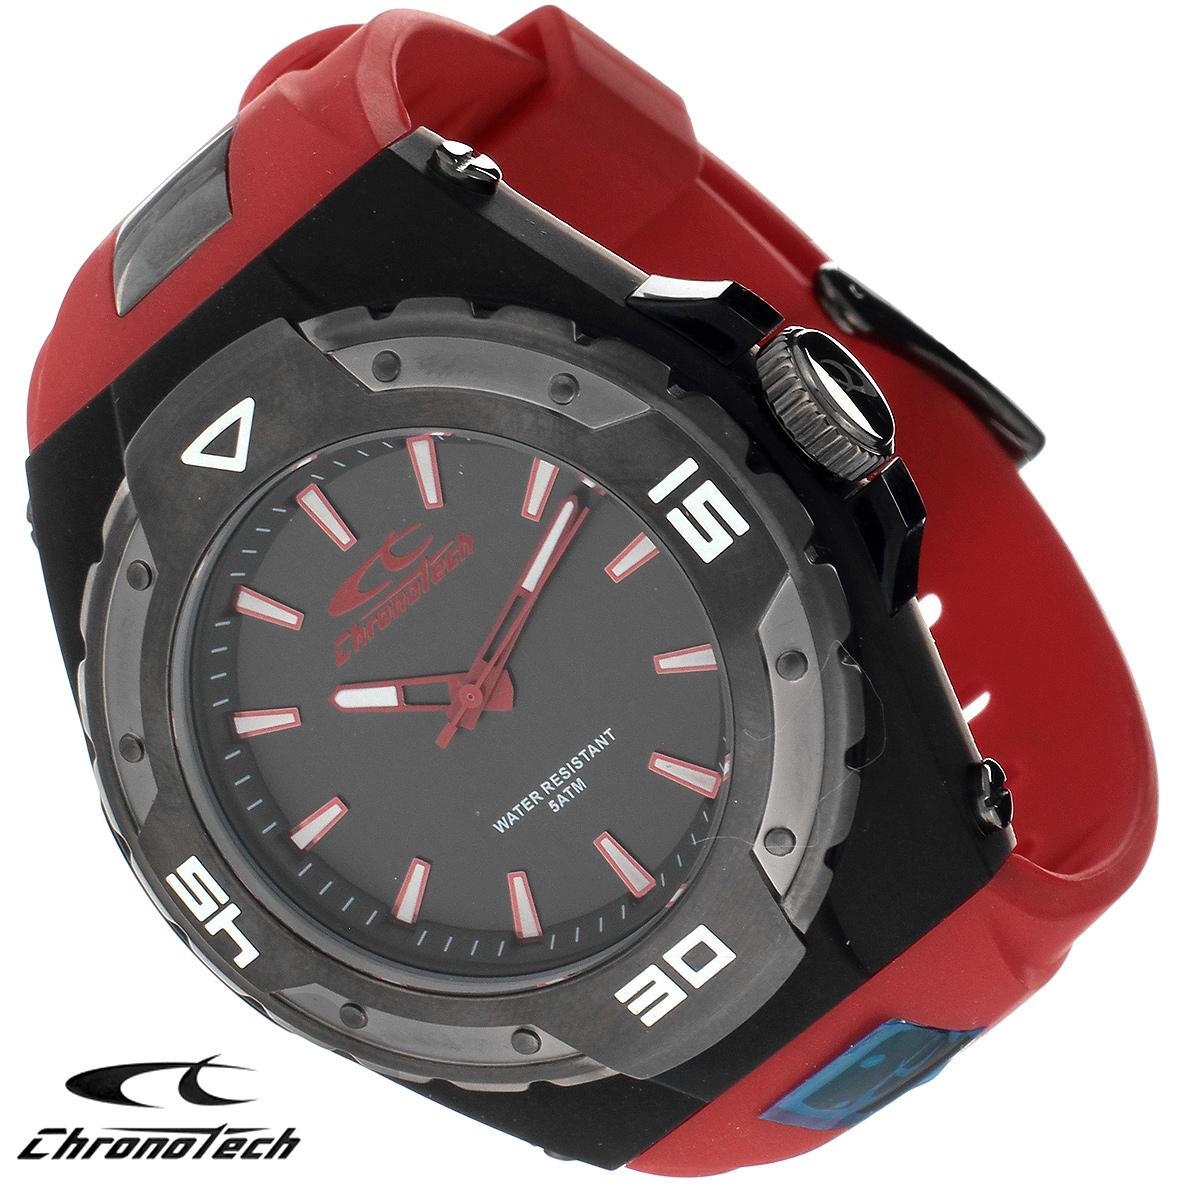 Часы мужские наручные Chronotech, цвет: черный, красный. RW0018BM8434-58AEЧасы Chronotech - это часы для современных и стильных людей, которые стремятся выделиться из толпы и подчеркнуть свою индивидуальность. Корпус часов выполнен из нержавеющей стали с покрытием. Циферблат оформлен отметками и защищен минеральным стеклом. Часы имеют три стрелки - часовую, минутную и секундную. Стрелки и отметки светятся в темноте. Ремешок часов выполнен из полиуретана и застегивается на классическую застежку. Часы выполнены в спортивном стиле.Часы упакованы в фирменную коробку с логотипом компании Chronotech. Такой аксессуар добавит вашему образу стиля и подчеркнет безупречный вкус своего владельца. Характеристики:Диаметр циферблата: 3,1 см.Размер корпуса: 5 см х 5 см х 1,1 см.Длина ремешка (с корпусом): 22 см.Ширина ремешка: 2,3 см.